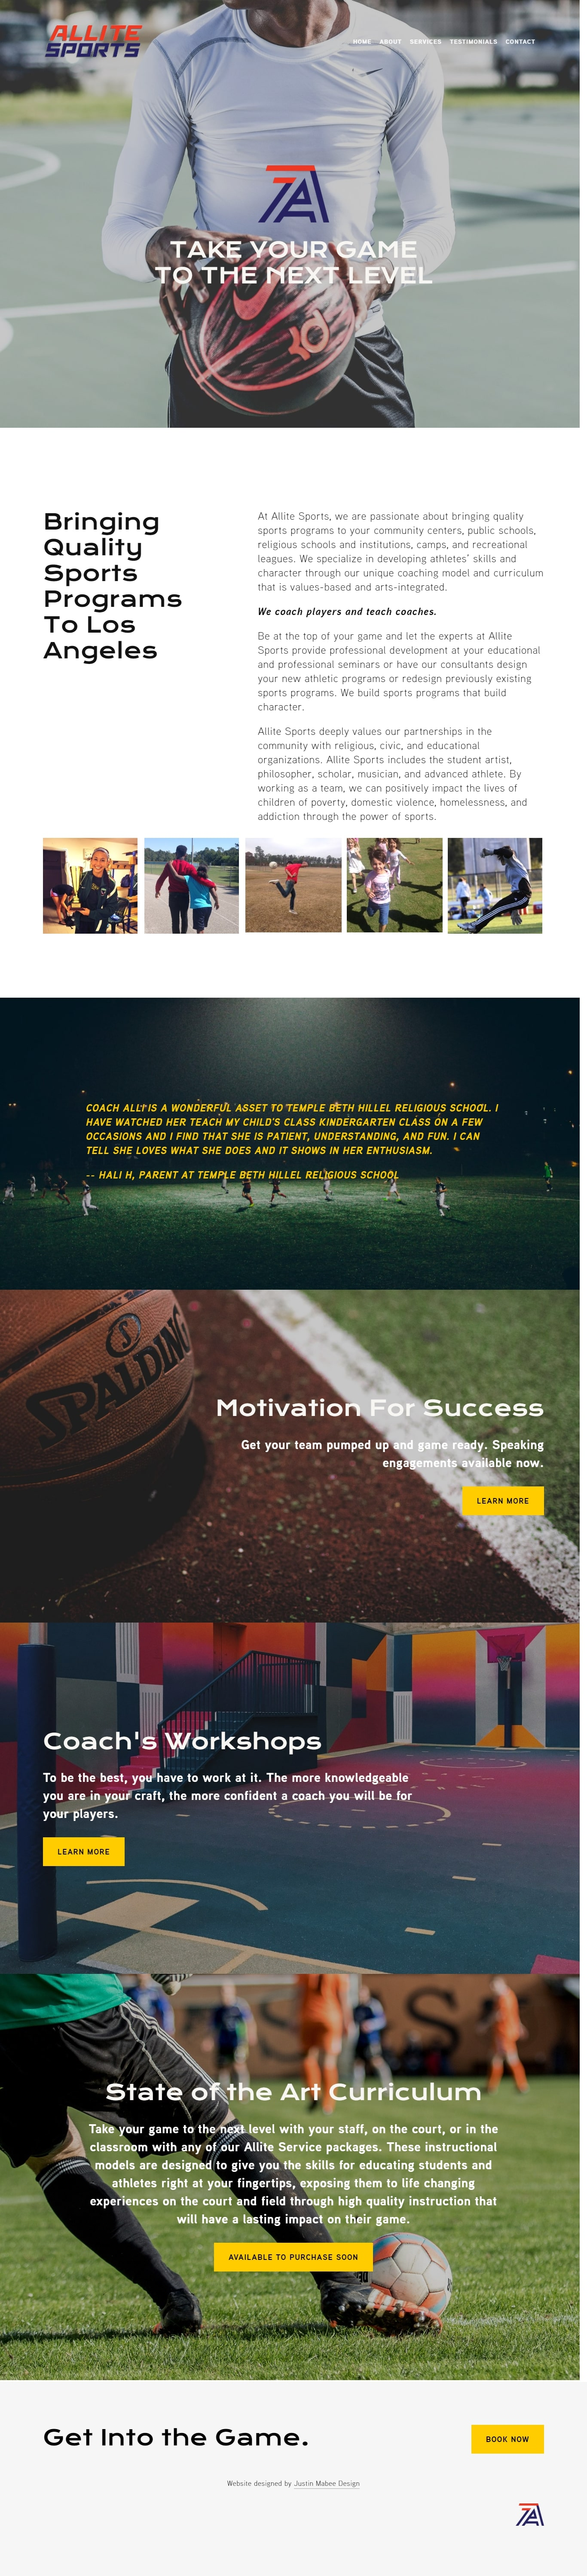 Allite Sports Full.jpg